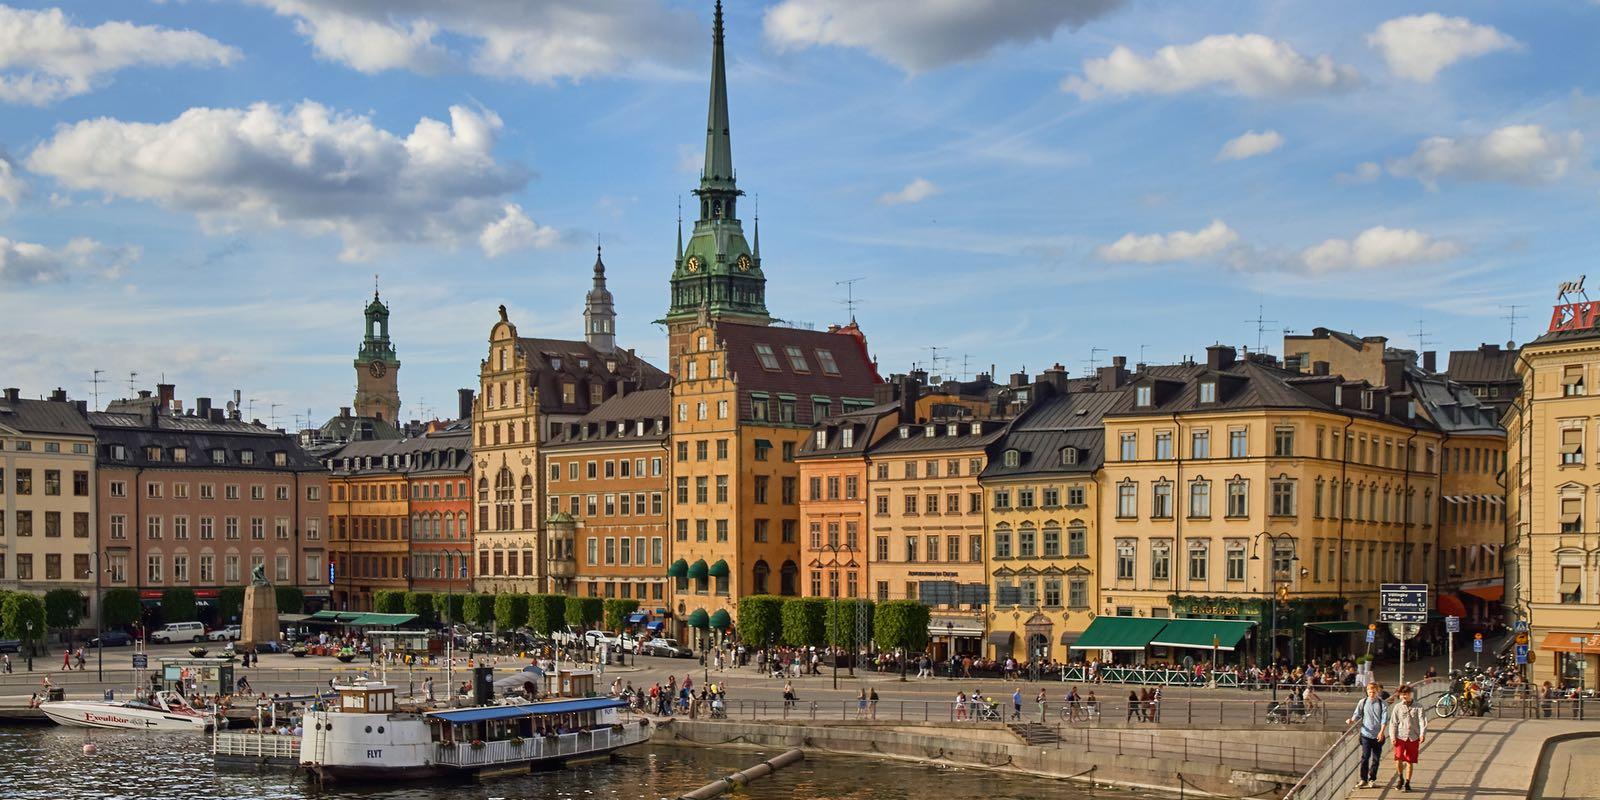 Comment j'ai changé de vie en partant m'installer en Suède